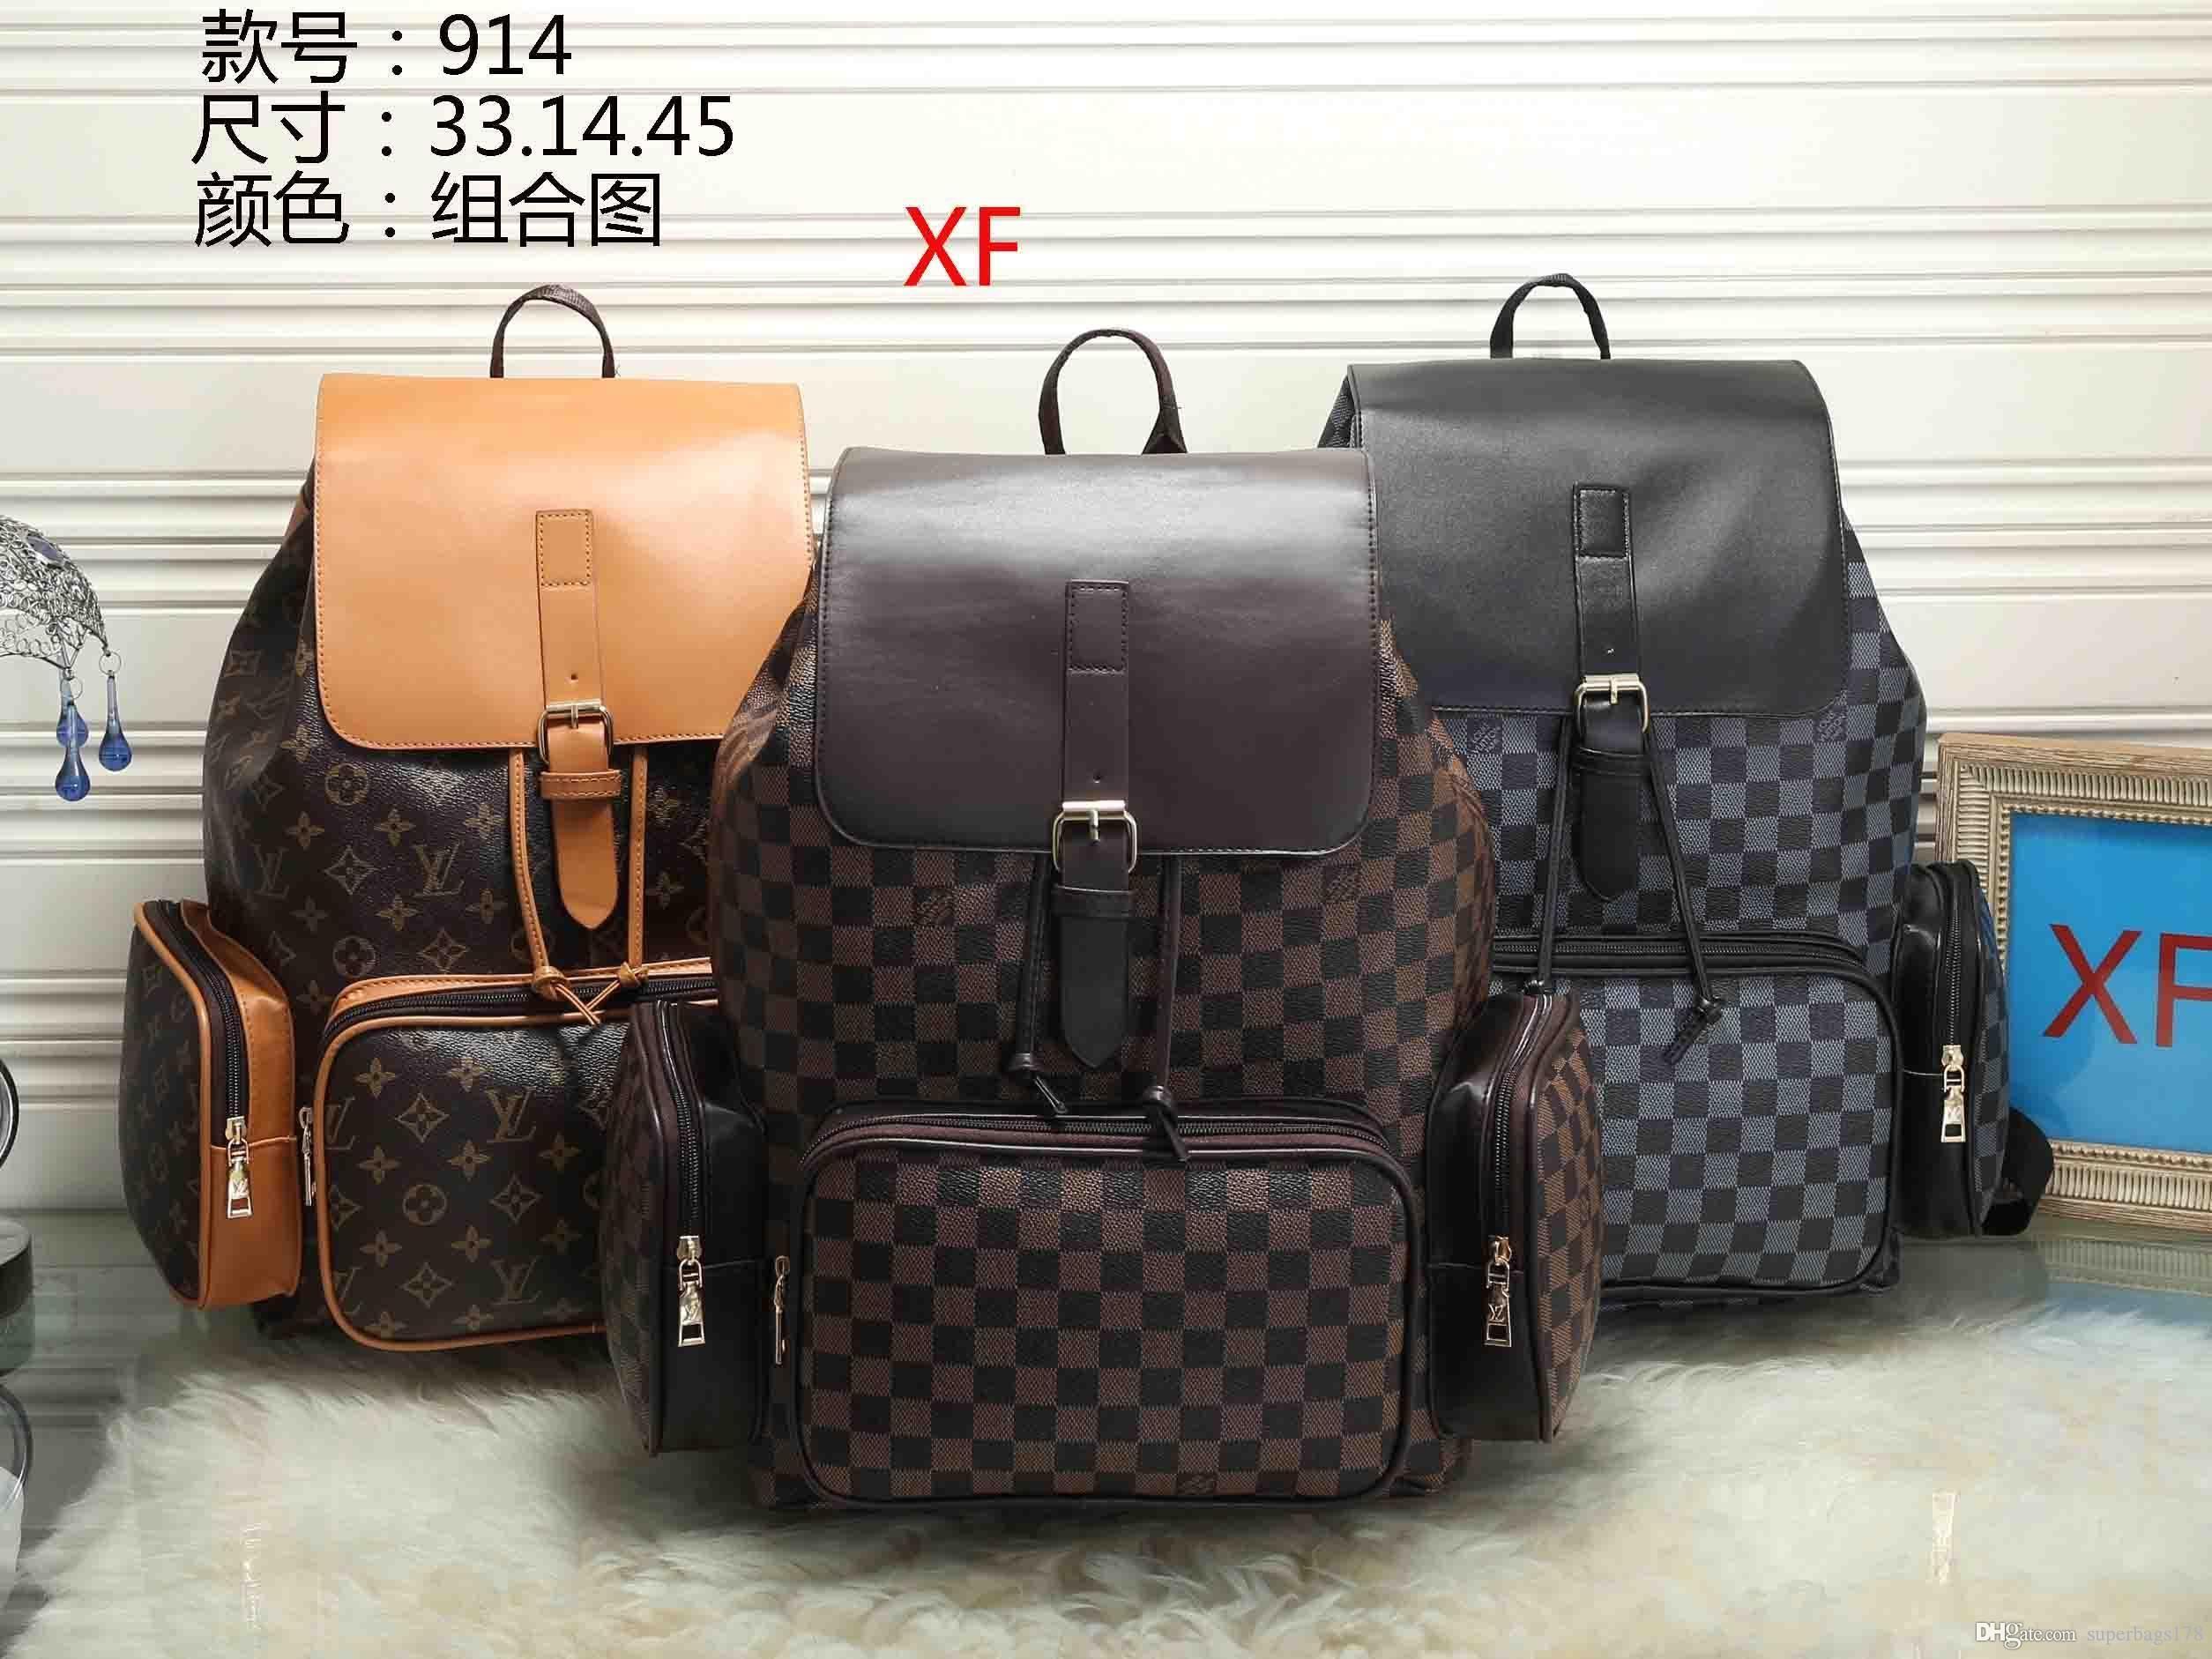 RRR XF 914 Meilleur prix de haute qualité femmes dames sac fourre-tout simple portefeuille de bourse de sac à dos d'épaule